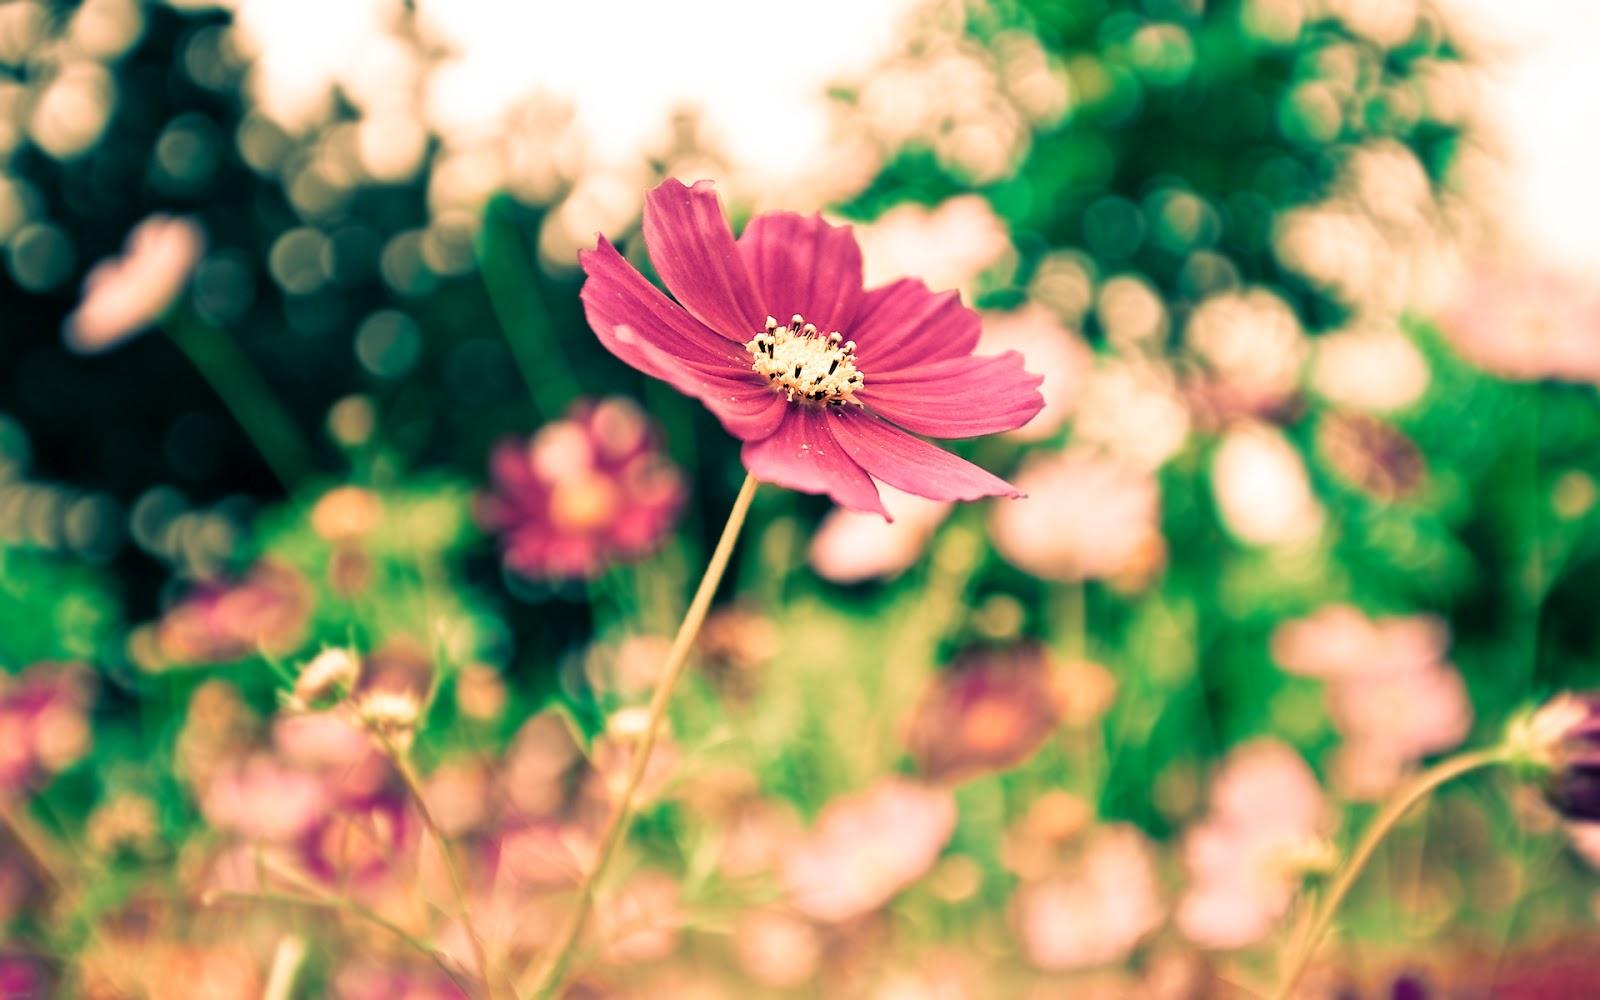 Hermosa Flor Rosada Imagen de Fondo HD